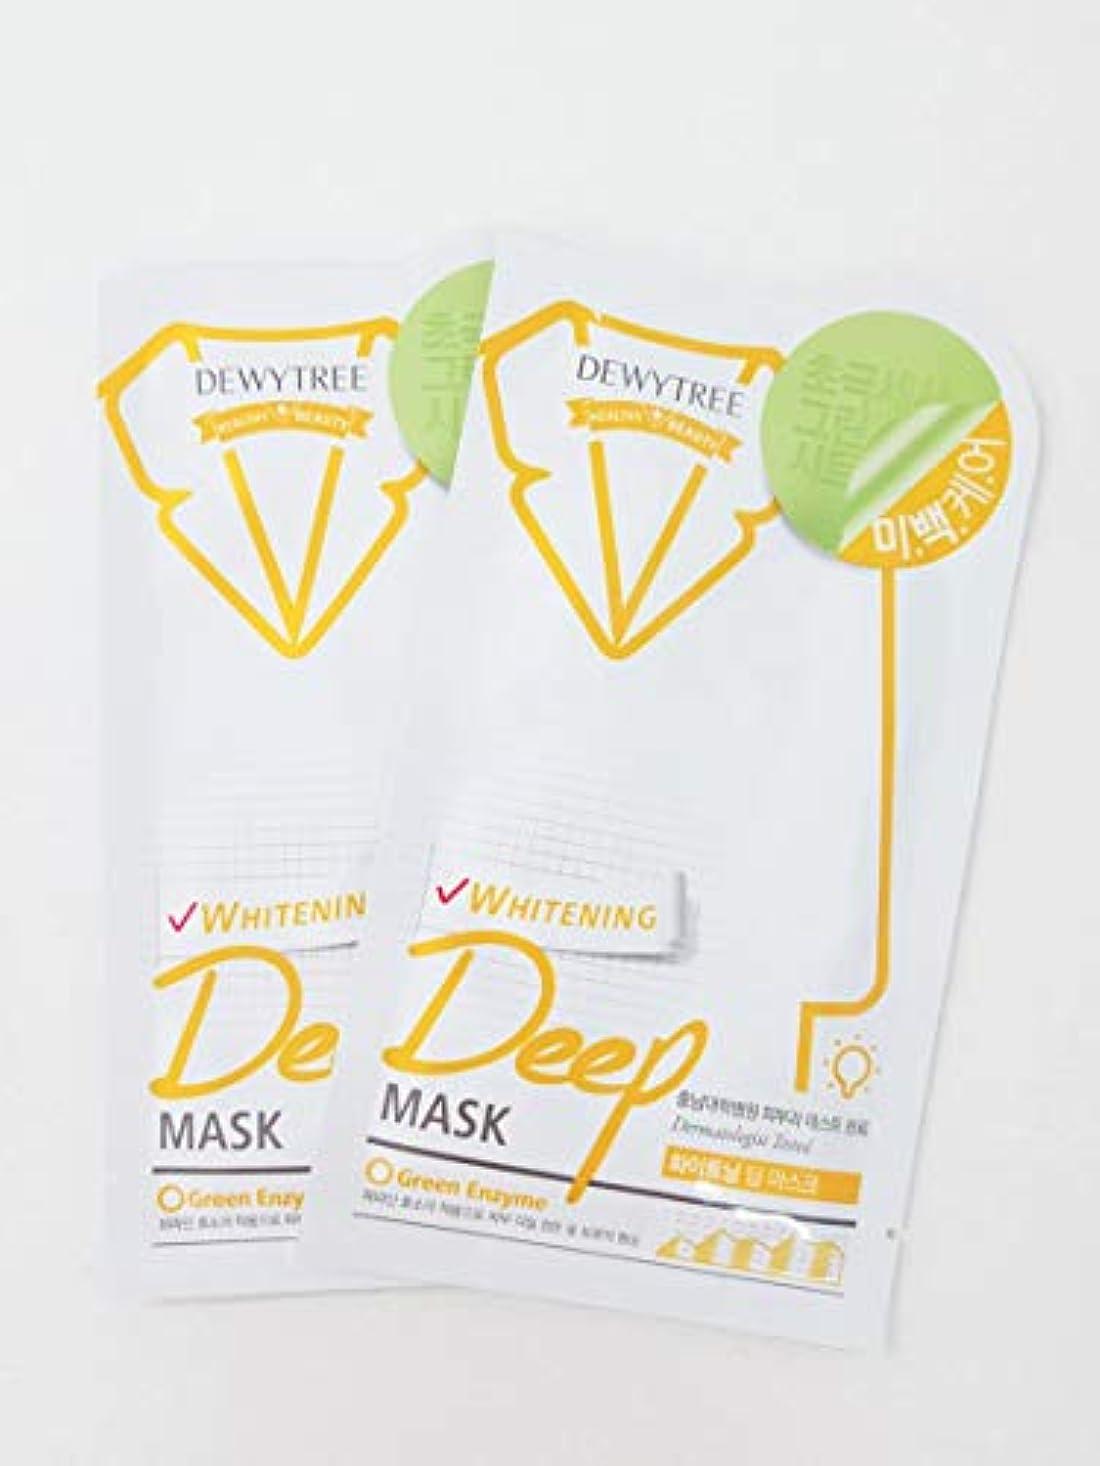 大きさ素朴な納屋(デューイトゥリー) DEWYTREE ホワイトニングディープマスク 20枚 Whitening Deep Mask 韓国マスクパック (並行輸入品)